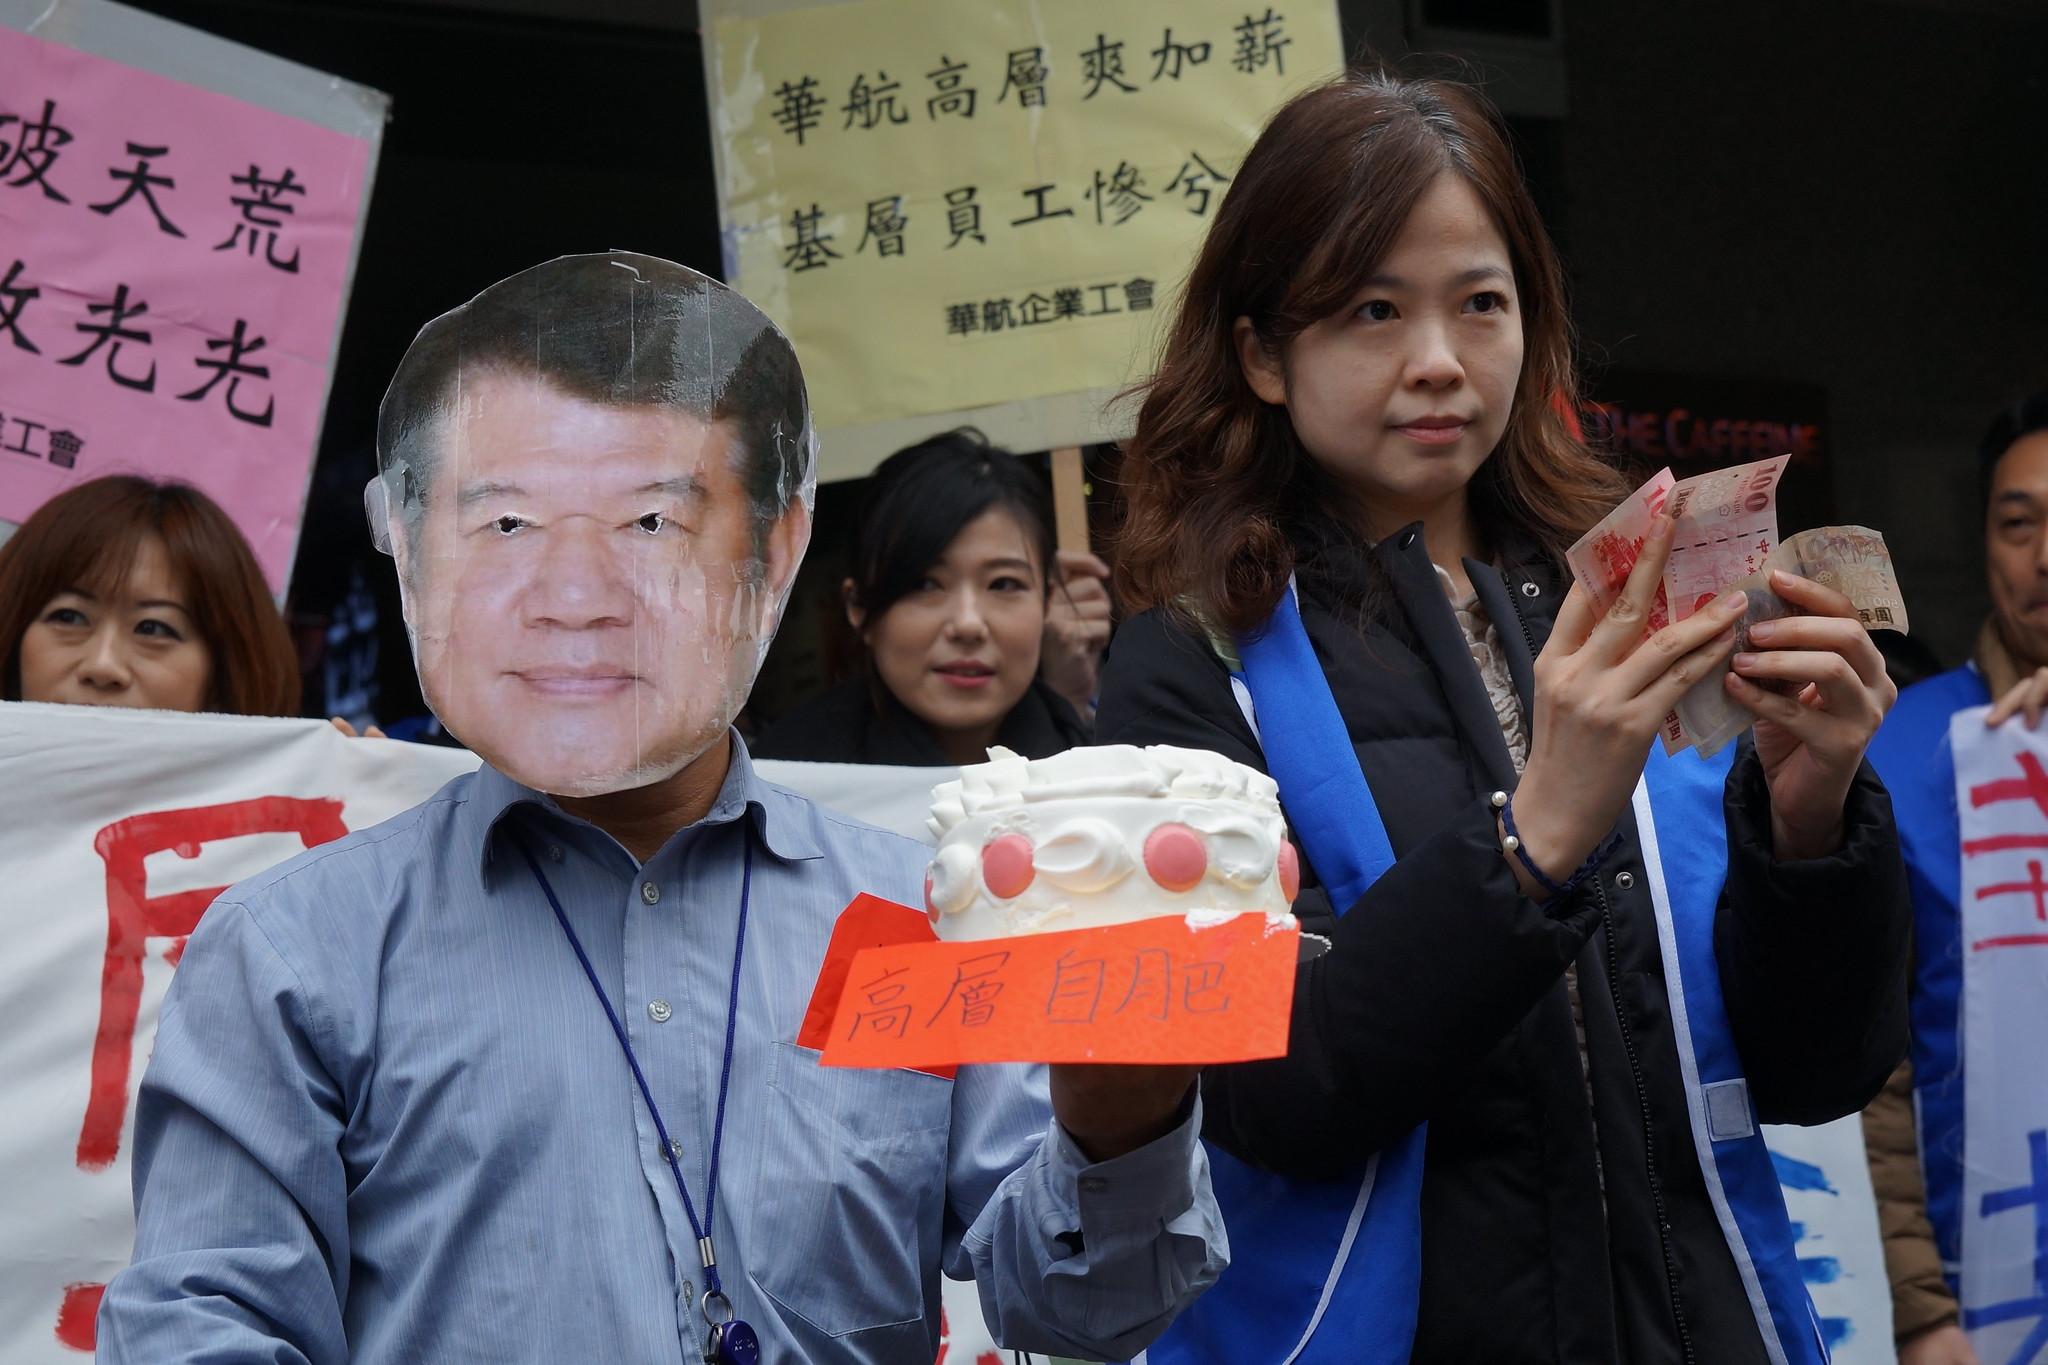 華航工會痛批董事長何煖軒自肥,基層加薪僅700元,卻為自己調薪3萬5千元。(攝影:王顥中)